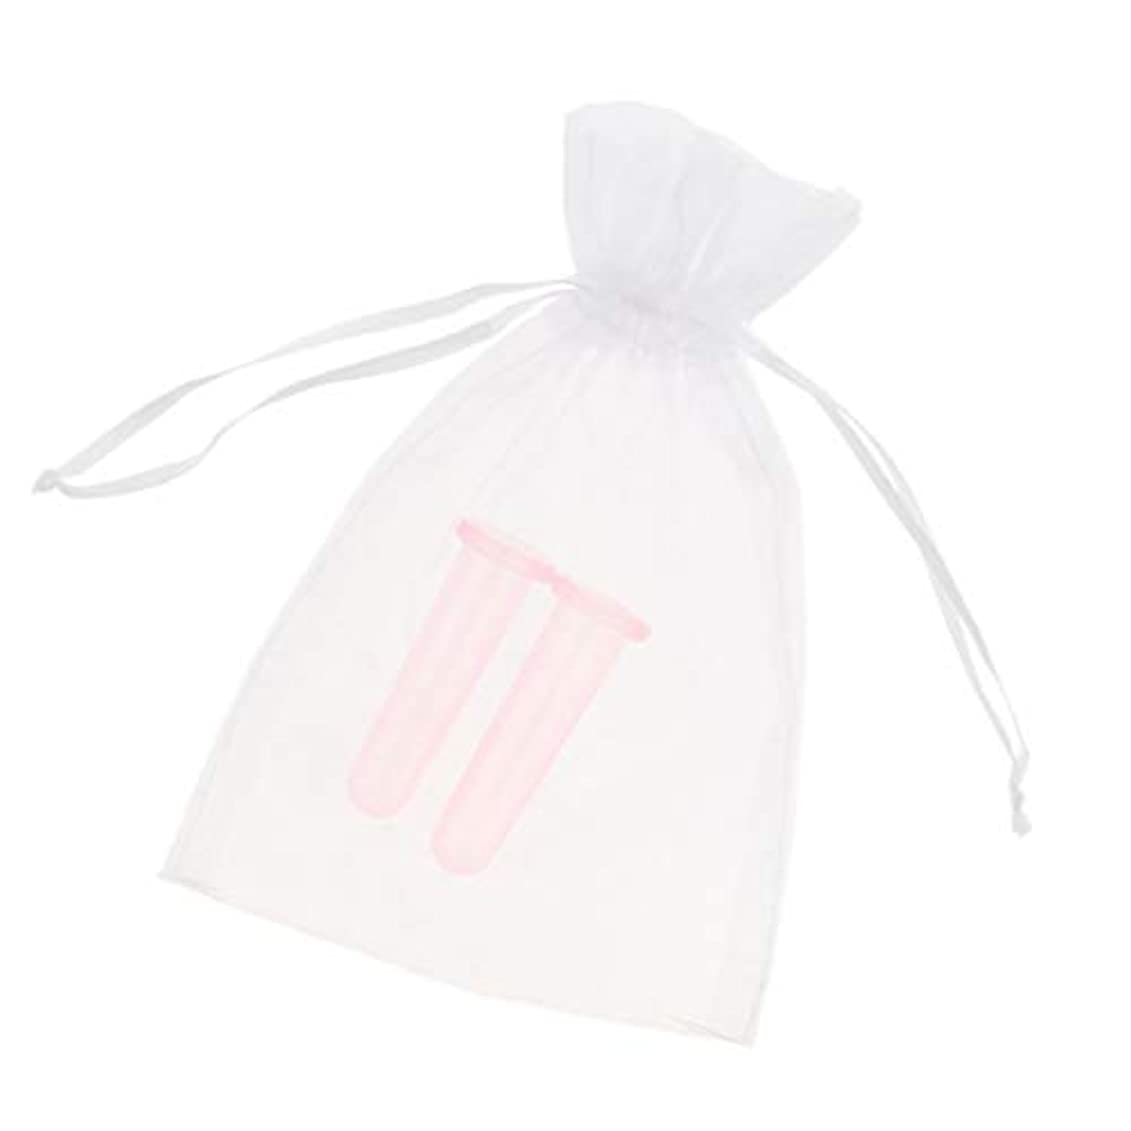 苦い災難脱臼するBaoblaze シリコンカッピング吸い玉 真空カッピング デトックス マッサージカップ 収納ポーチ付き顔用2個全2色 - ピンク